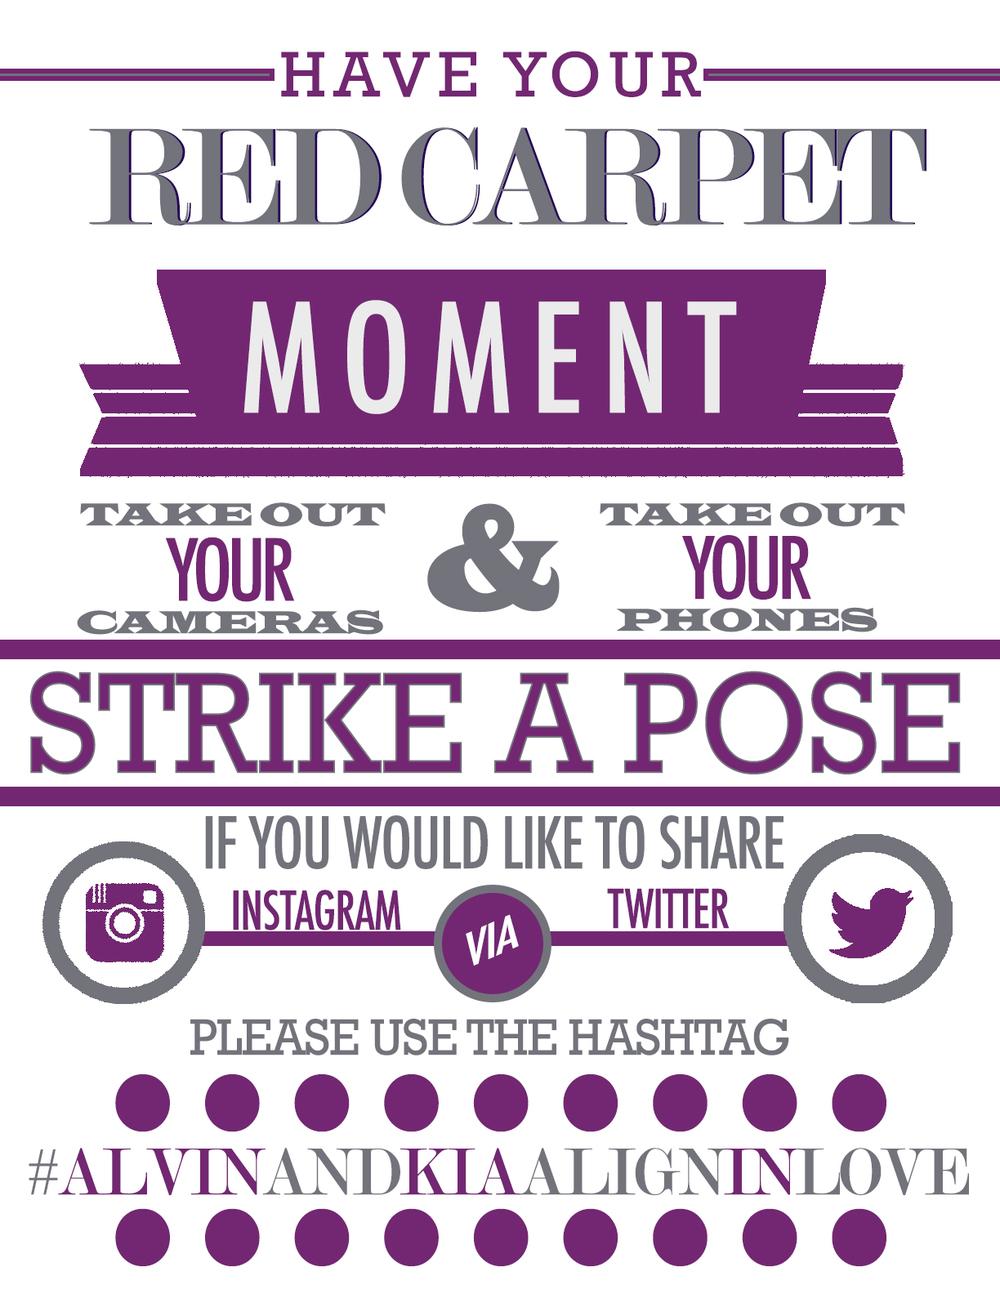 LaFete - Red Carpet Moment Sign v2.jpg